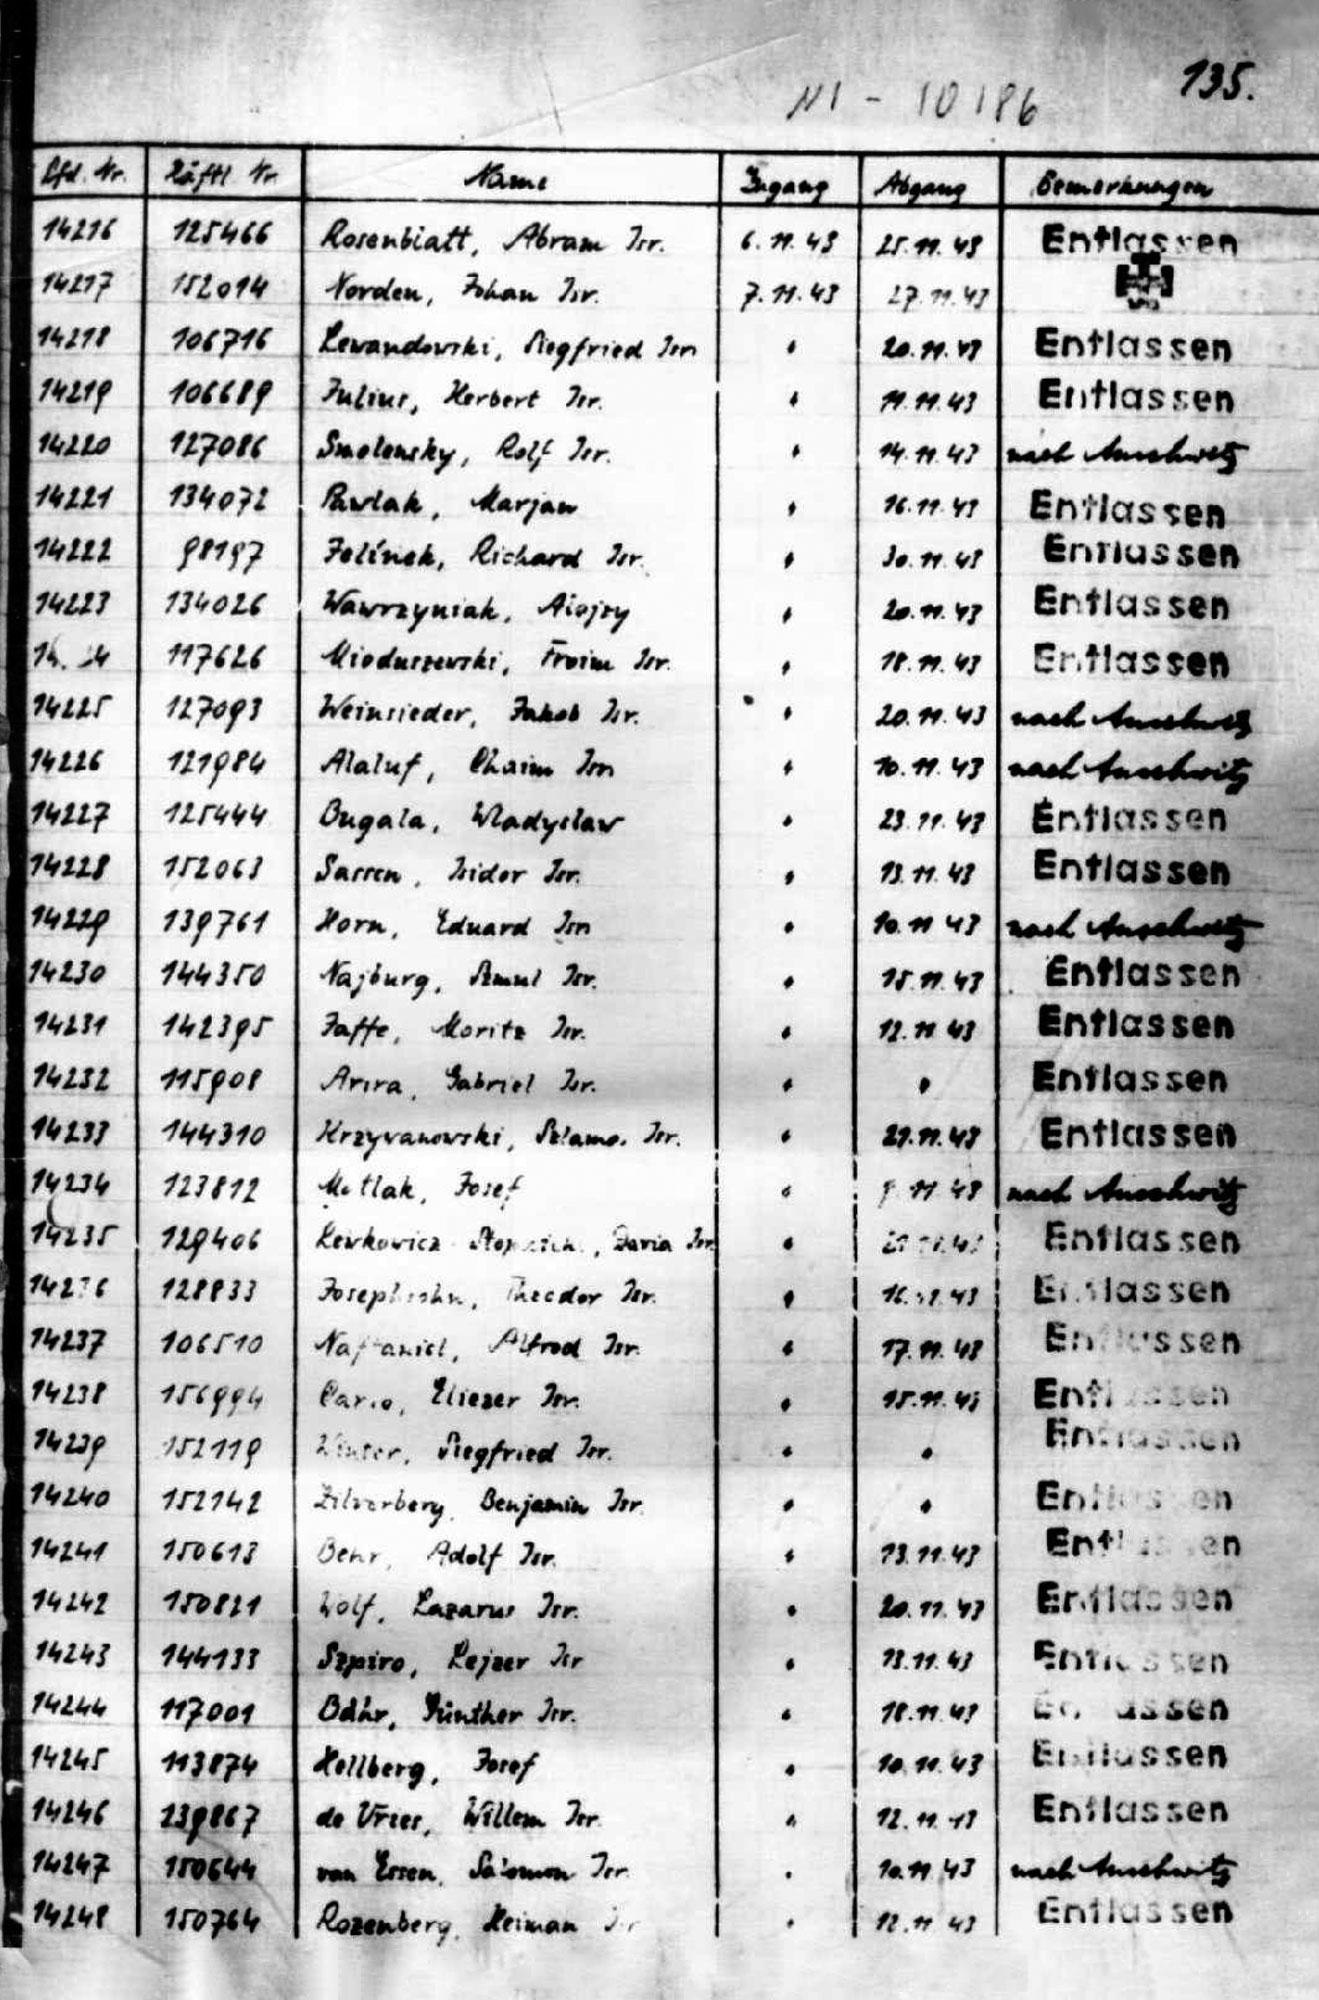 """Verzeichnis des Krankenbaus in Auschwitz Monowitz """"20.11.1943 entlassen"""""""